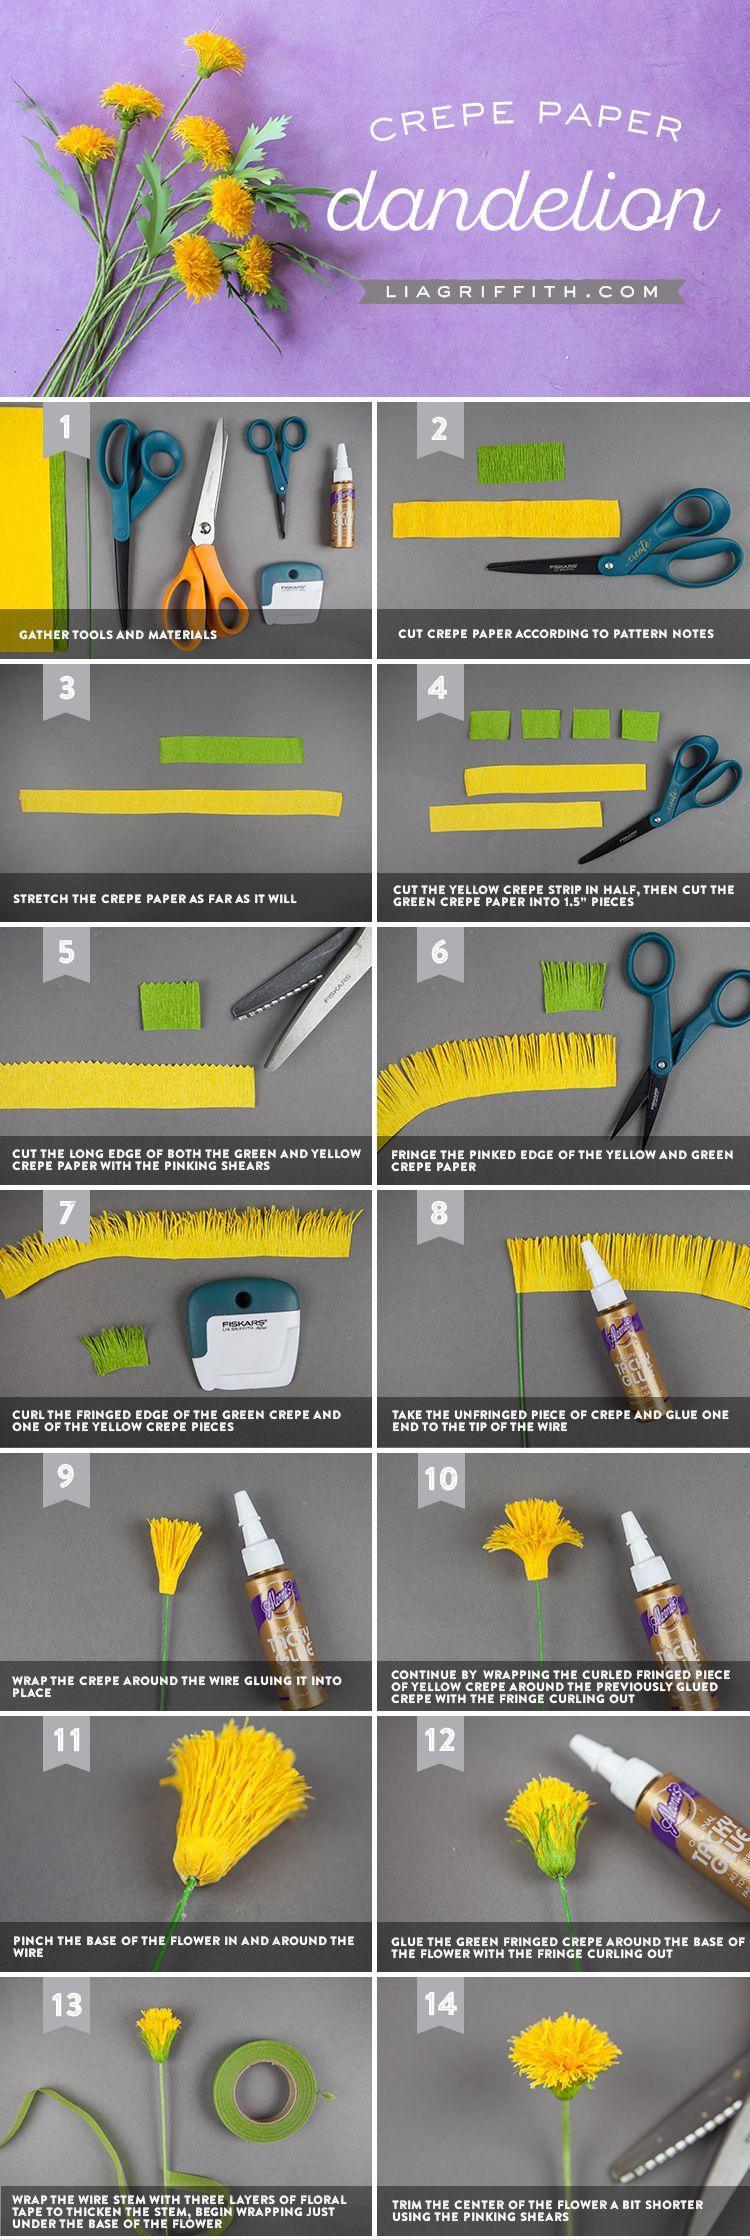 Craft an easy crepe paper dandelion for national dandelion day diy